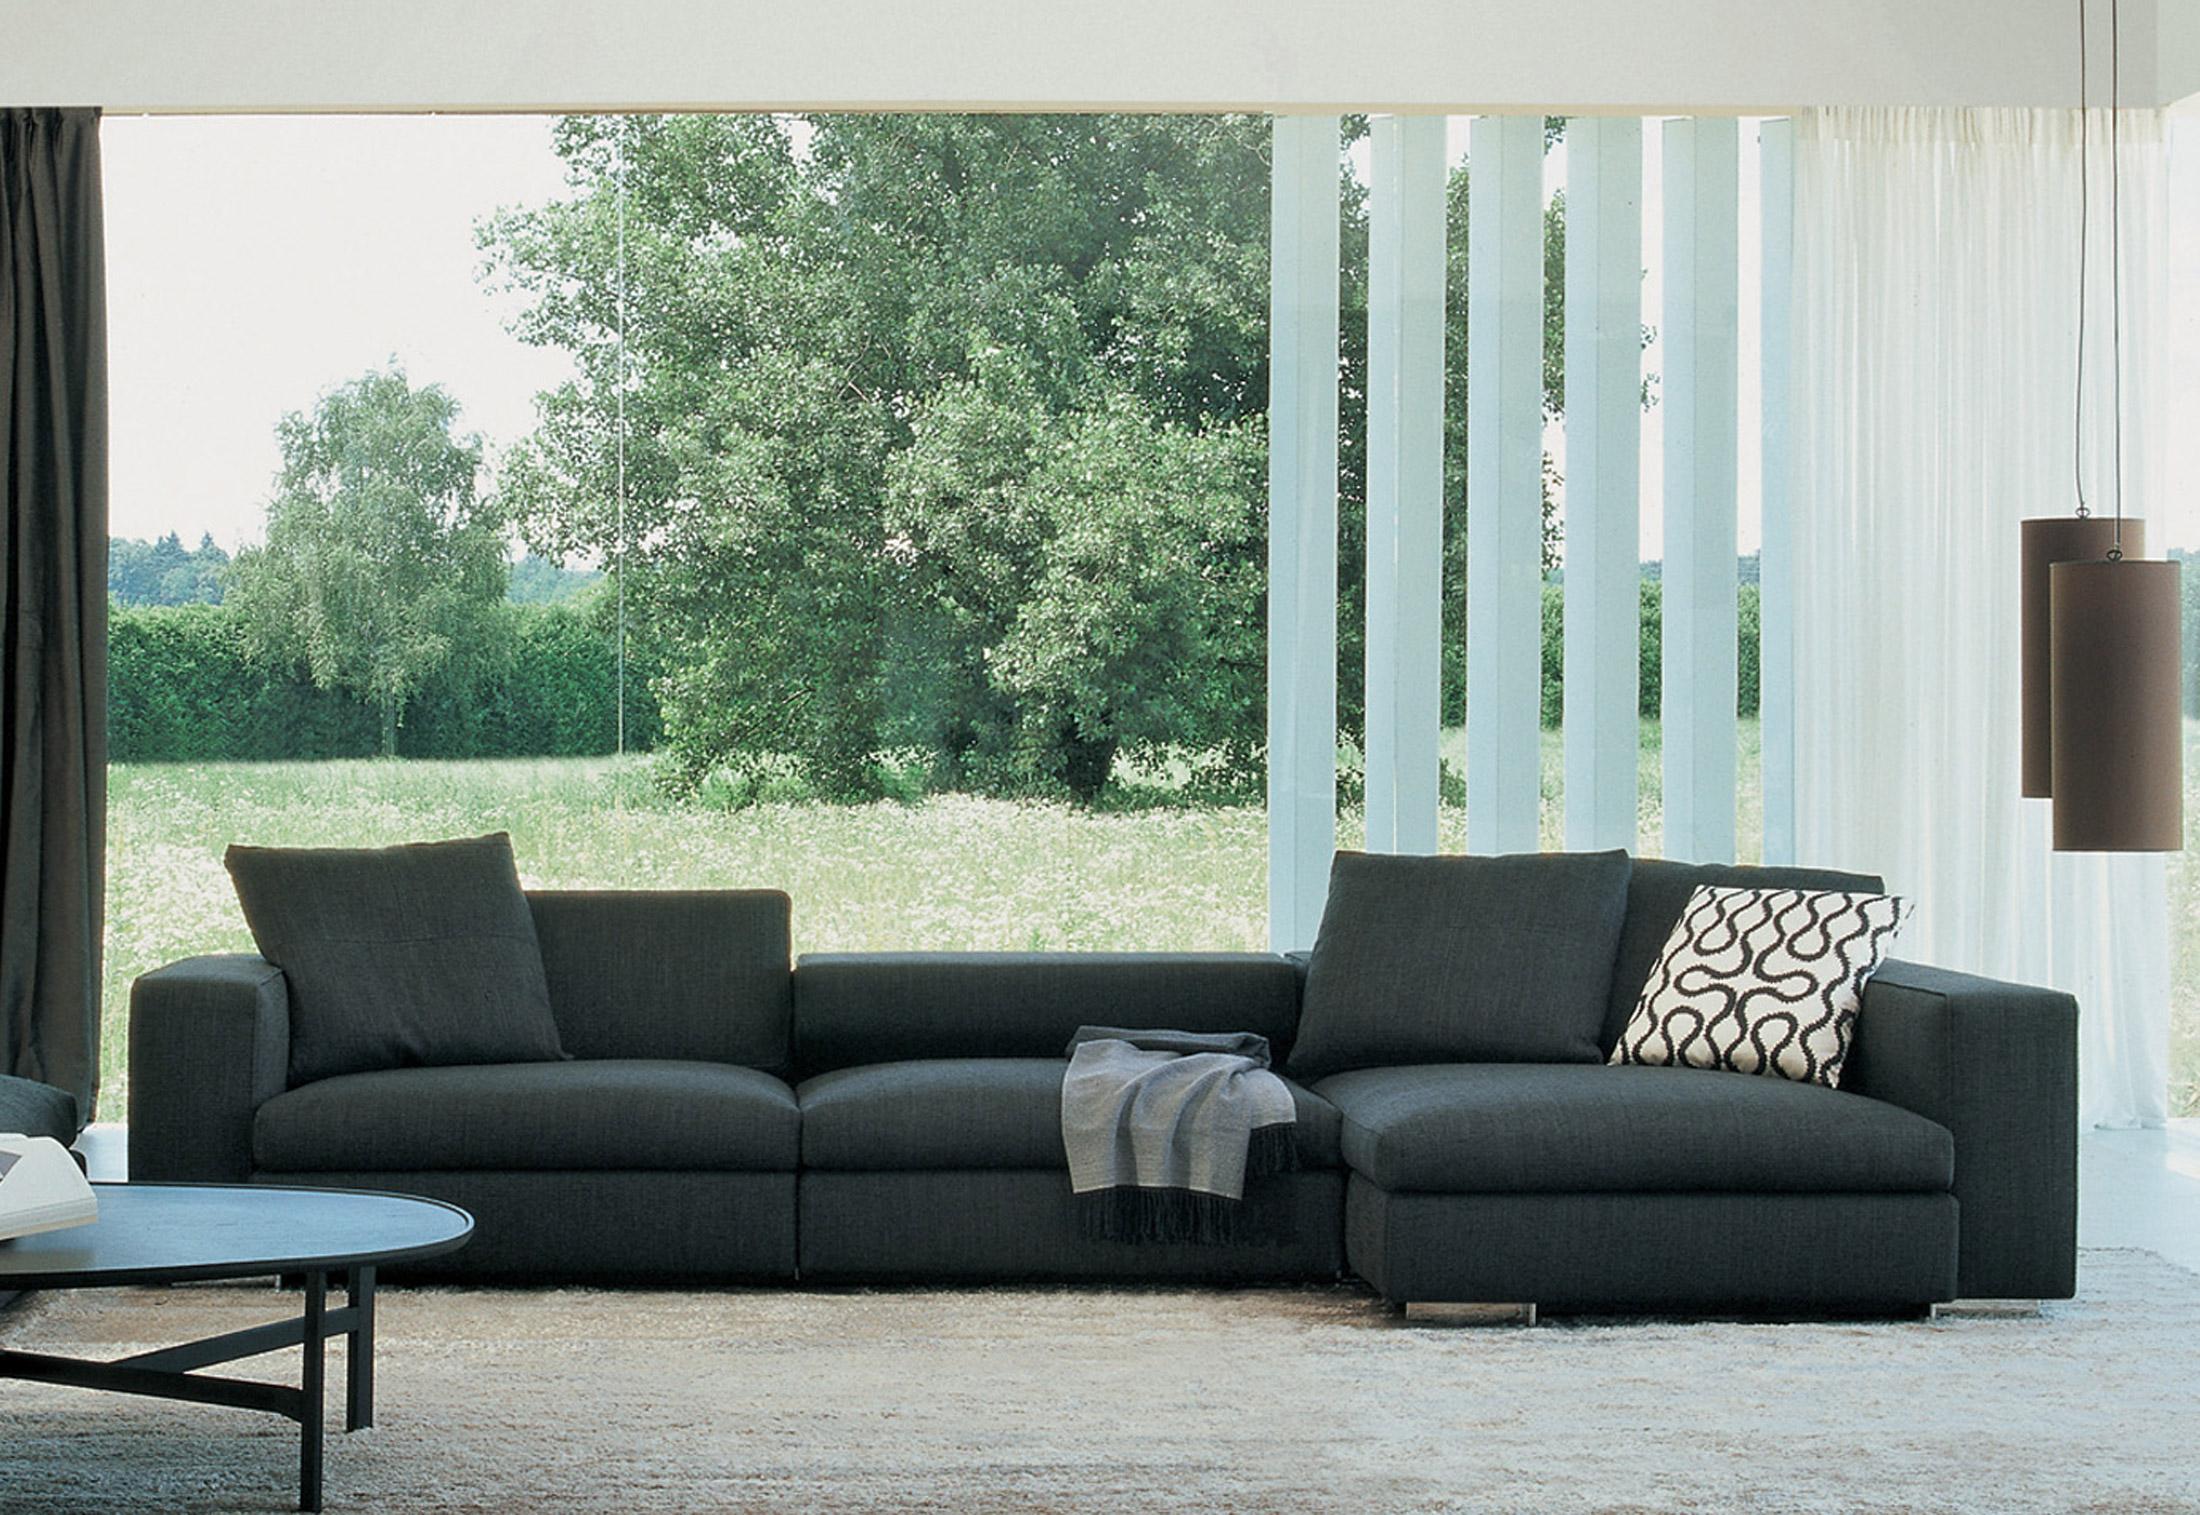 Canap s fauteuils meubles design mobilier et for Meubles molteni